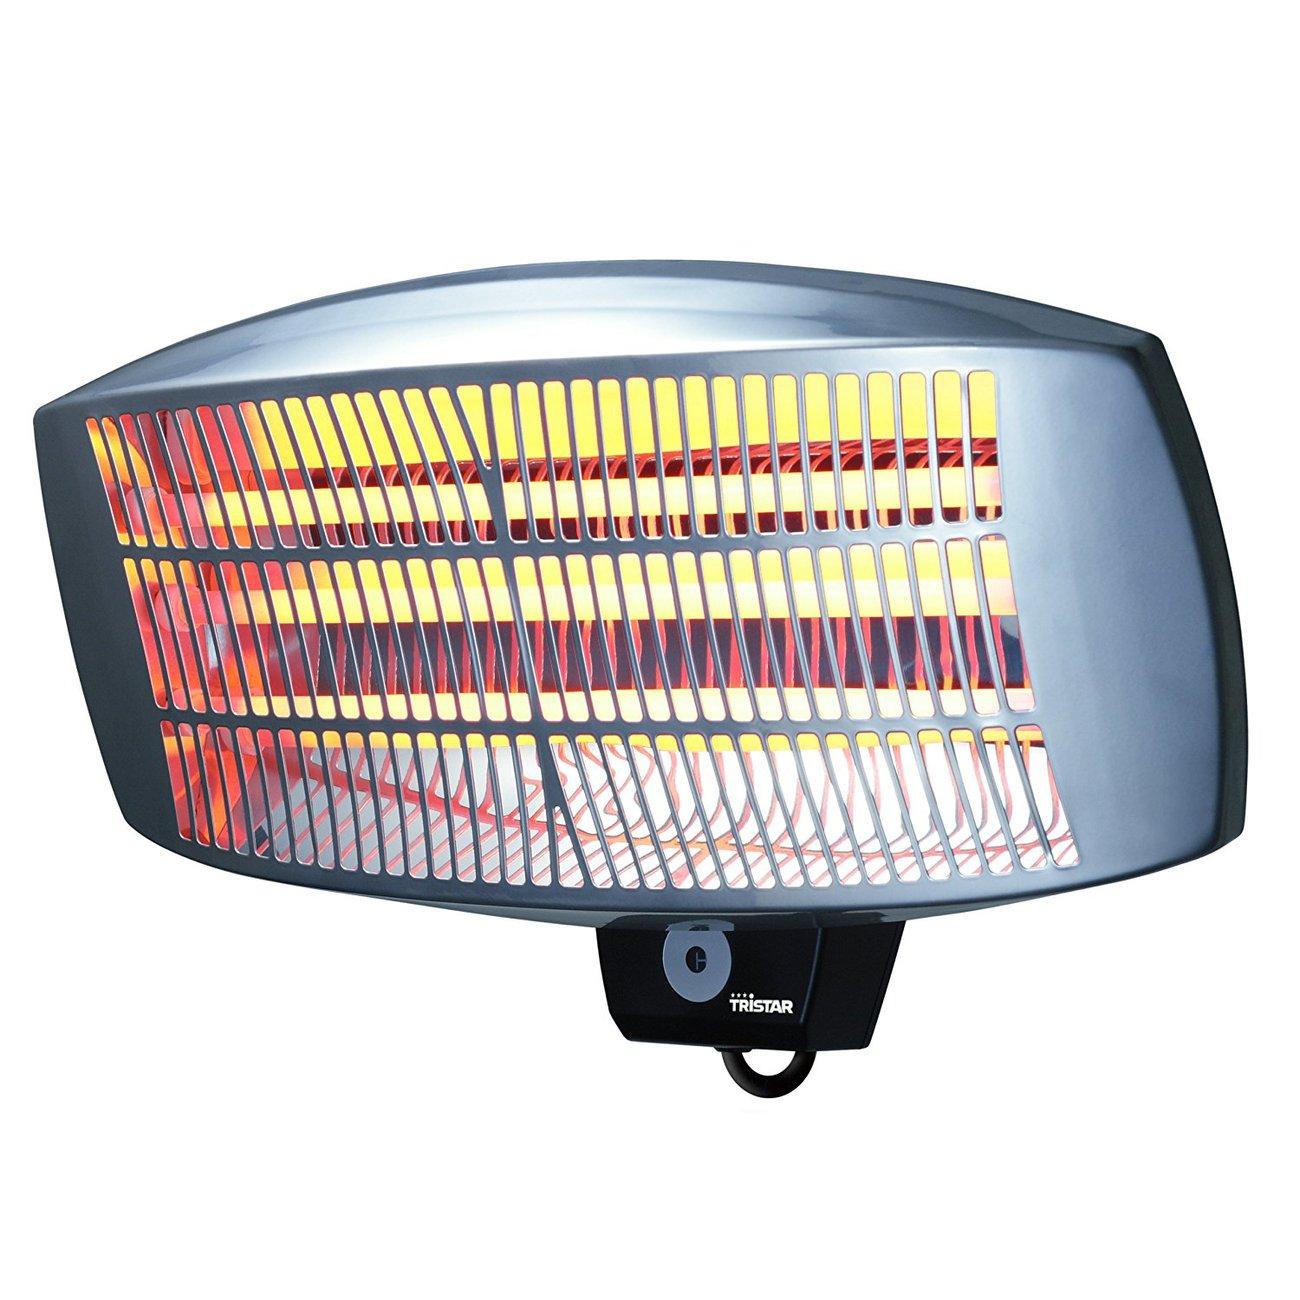 Външен отоплителTristar KA-5283 2000 WКварцова печка